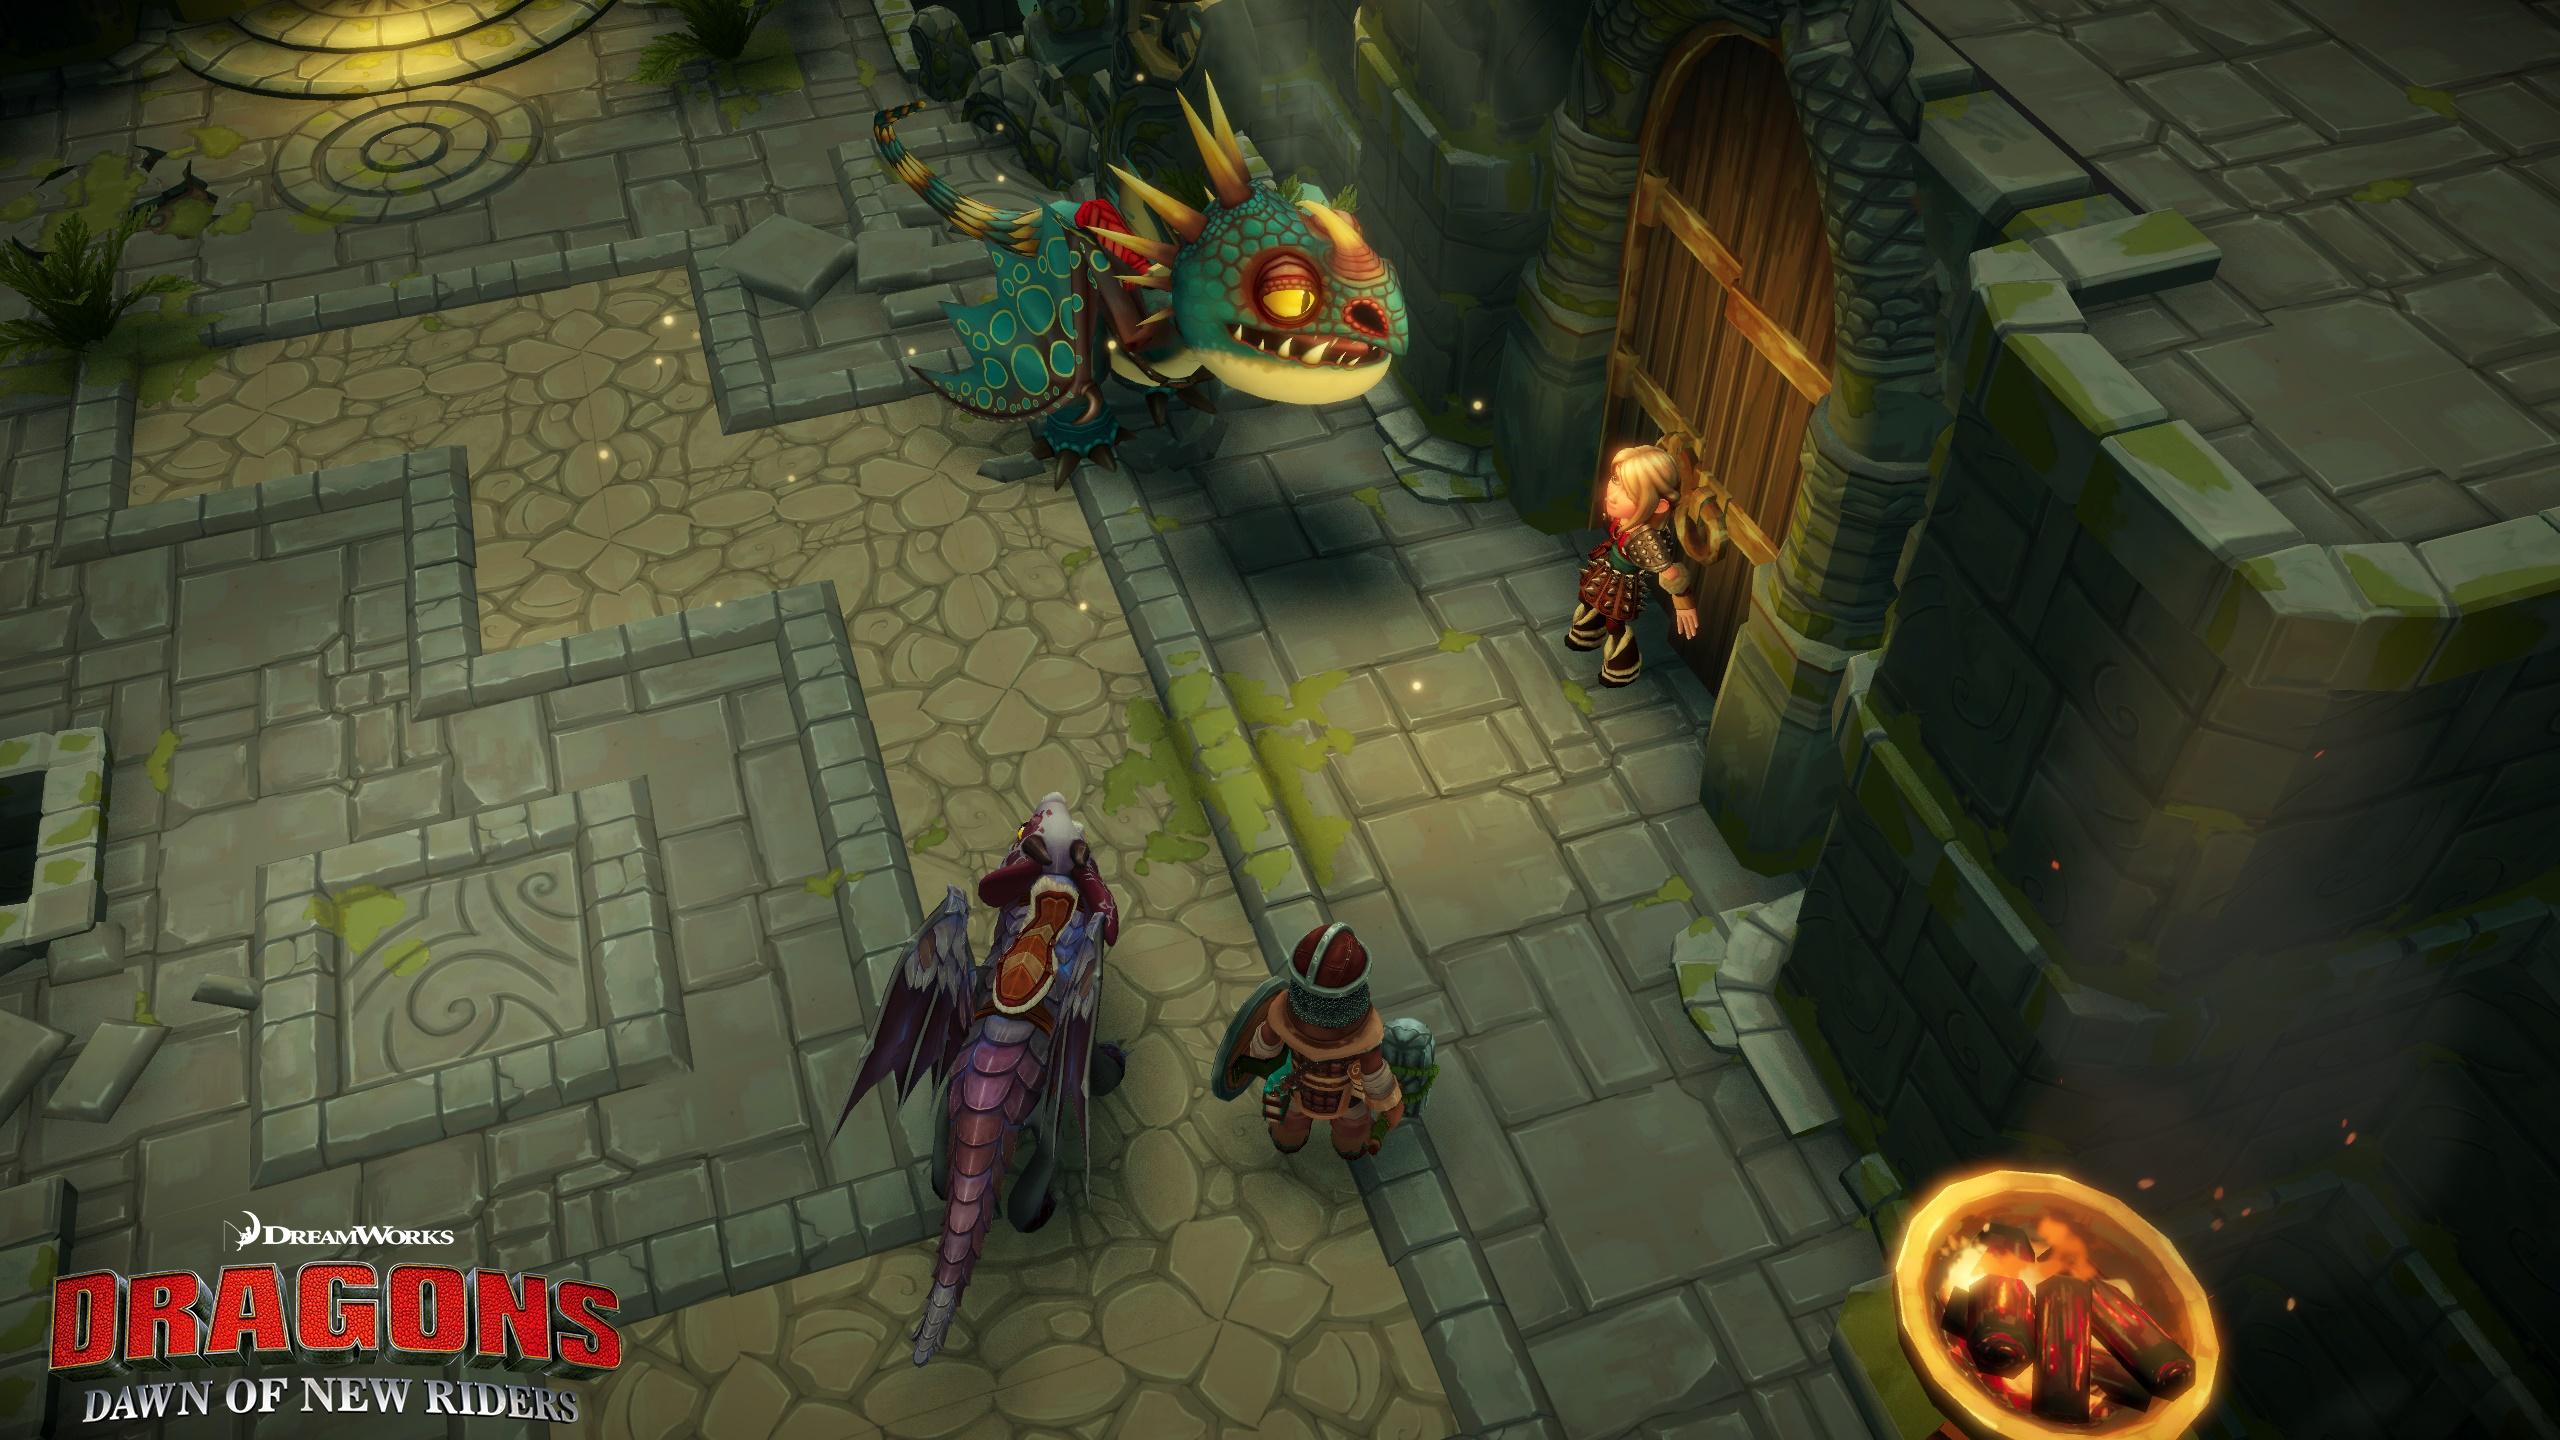 dragons_donr_announcep3ist.jpg